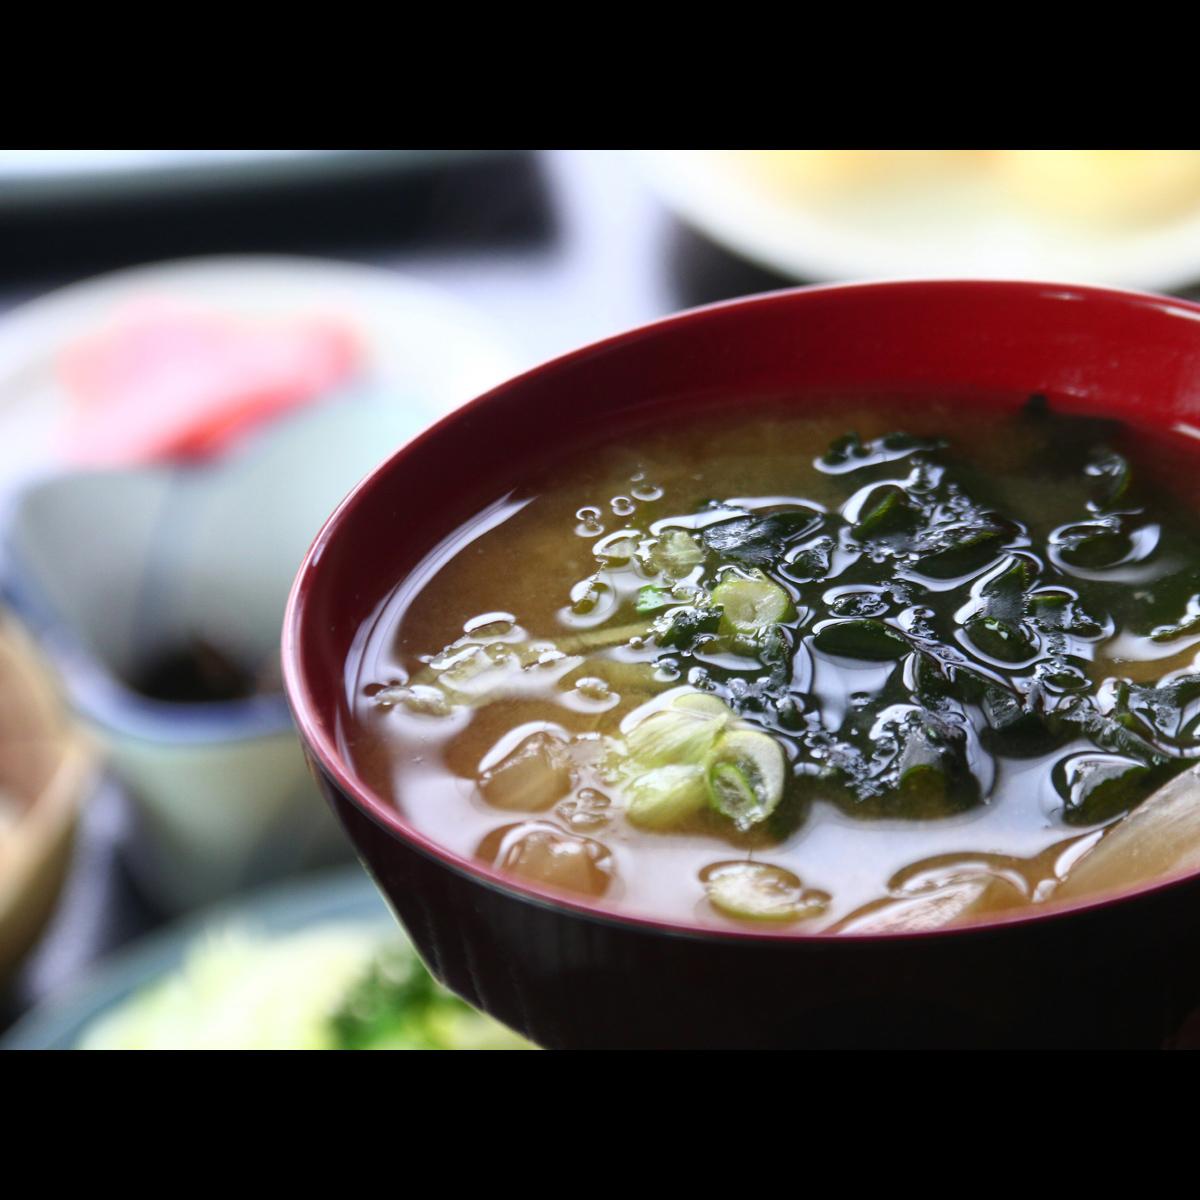 【朝食】自家製味噌で作った味噌汁をお出しします。